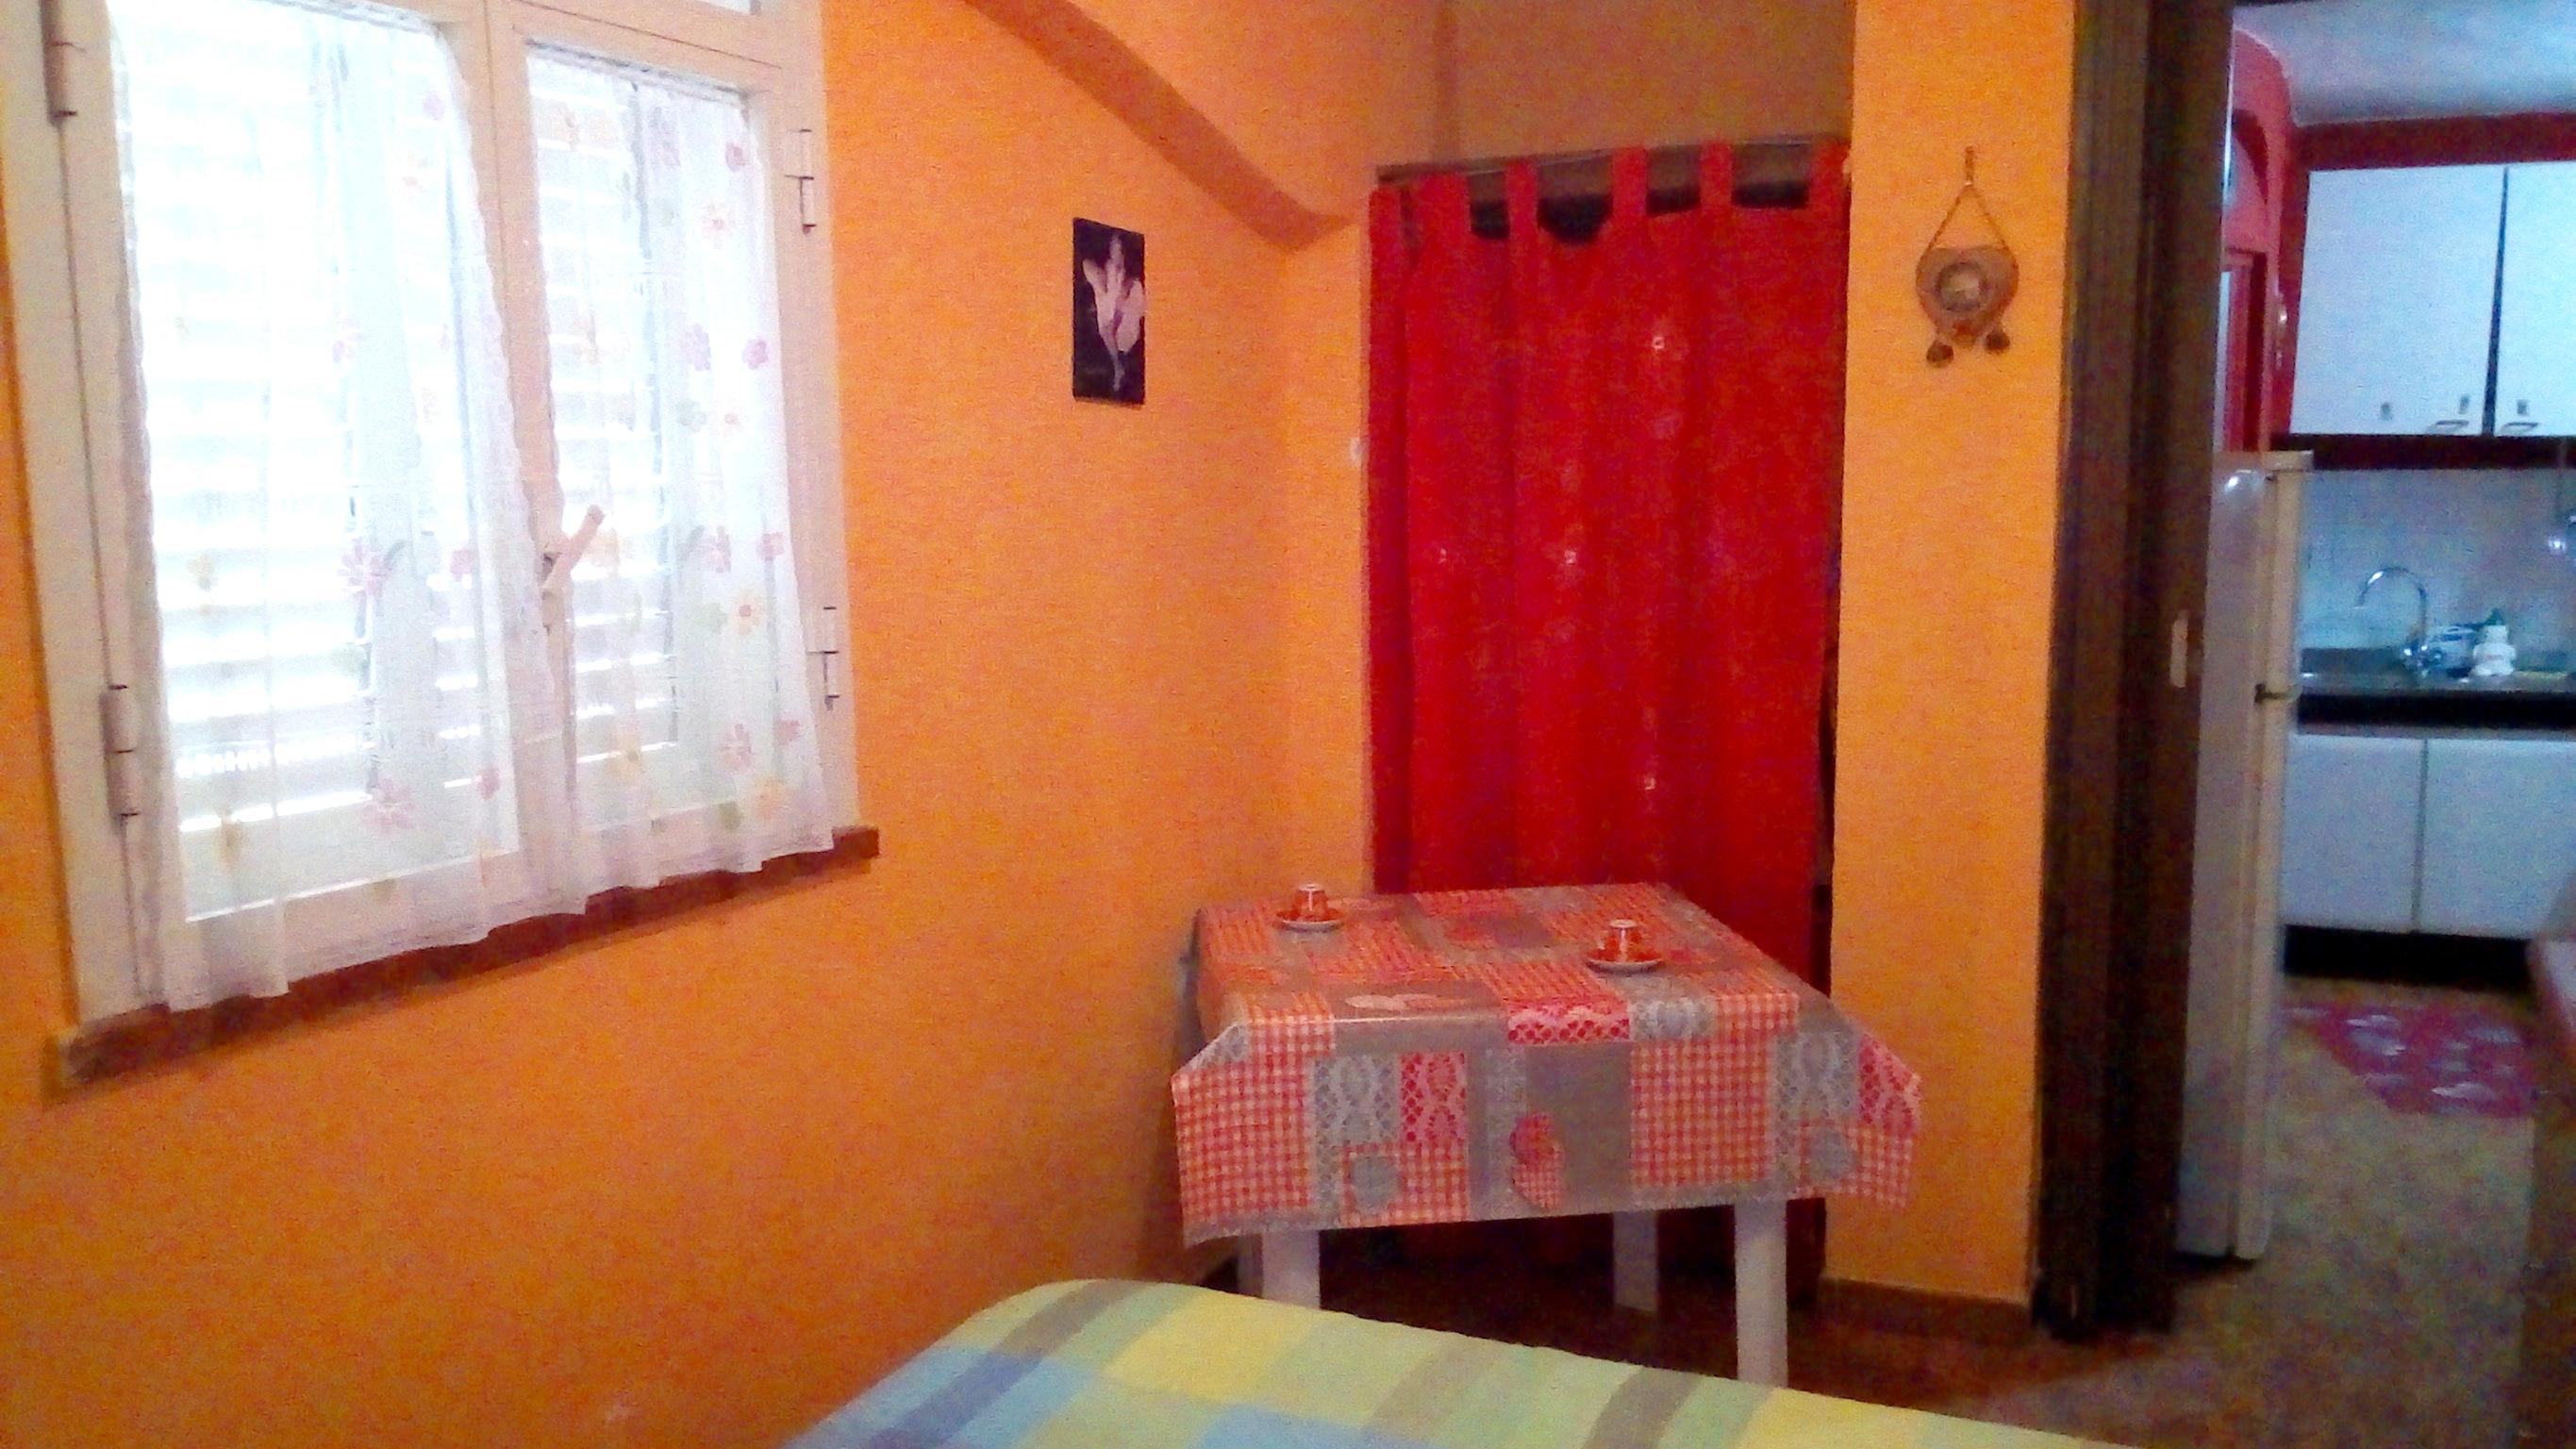 Appartement de vacances Wohnung mit 2 Schlafzimmern in Cicirata mit herrlichem Meerblick, Pool, eingezäuntem Garte (2339675), Avola, Siracusa, Sicile, Italie, image 9